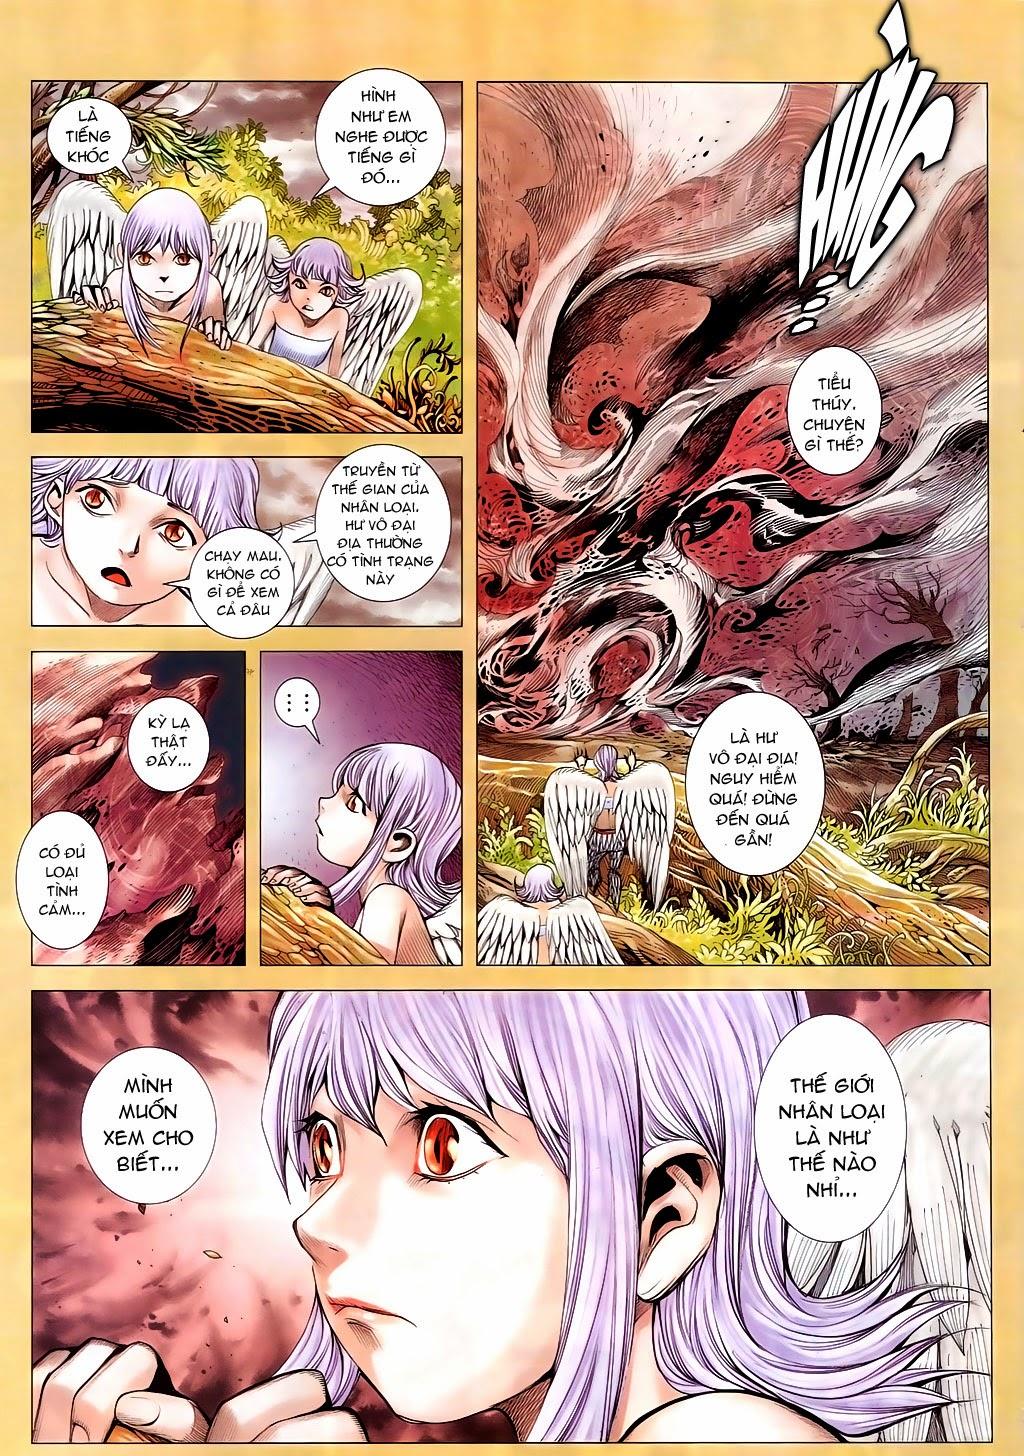 Phong Thần Ký Chap 171 - Trang 7